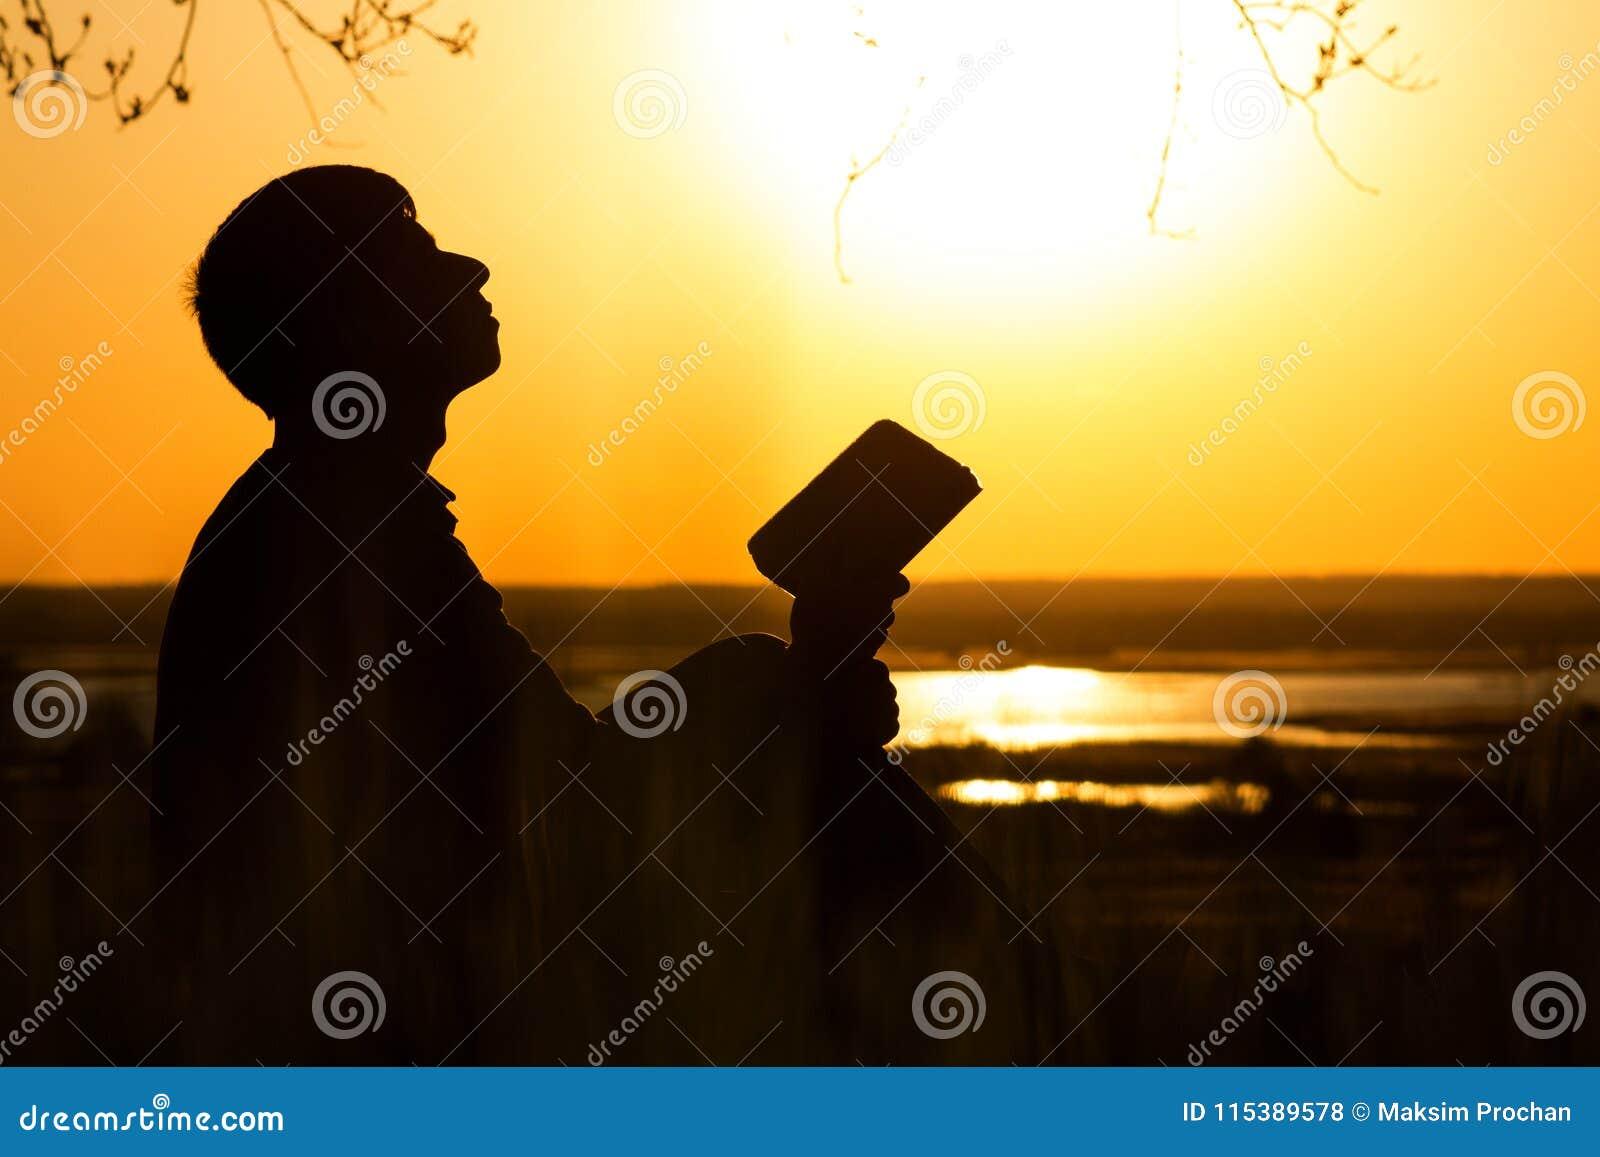 Silhouette de l homme se tournant vers Dieu avec l espoir, le concept de la foi et la spiritualité